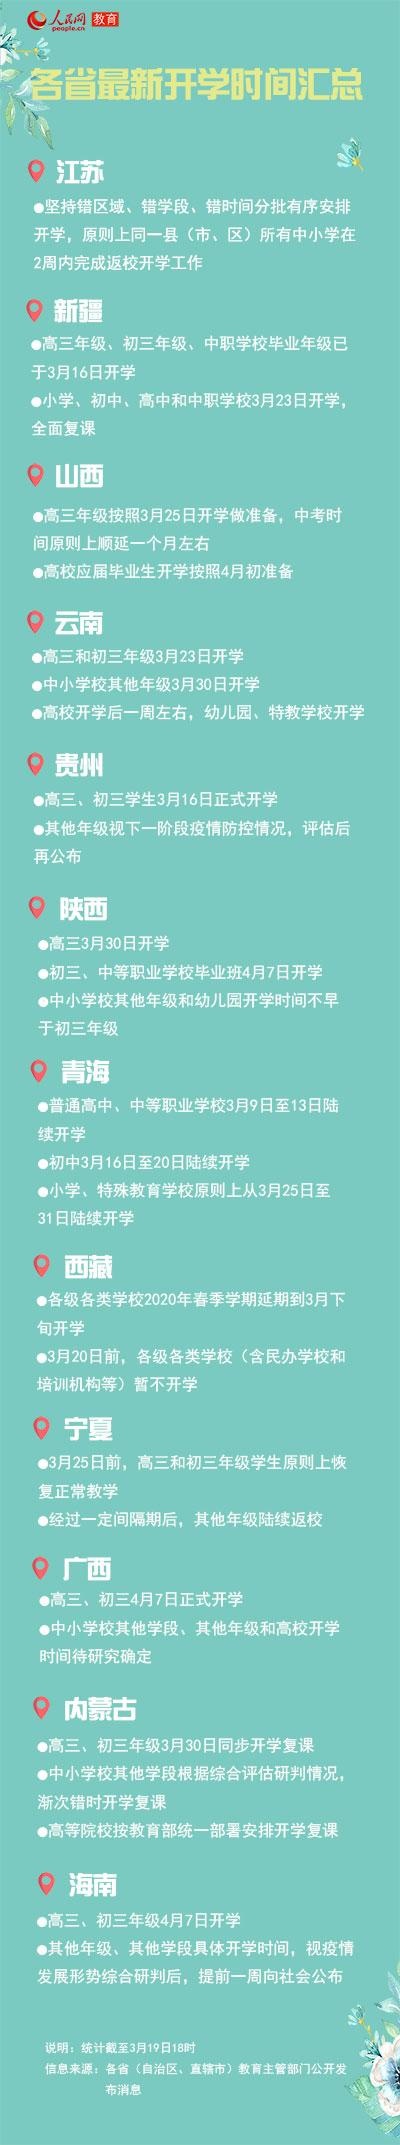 开学信息(人民网).jpg